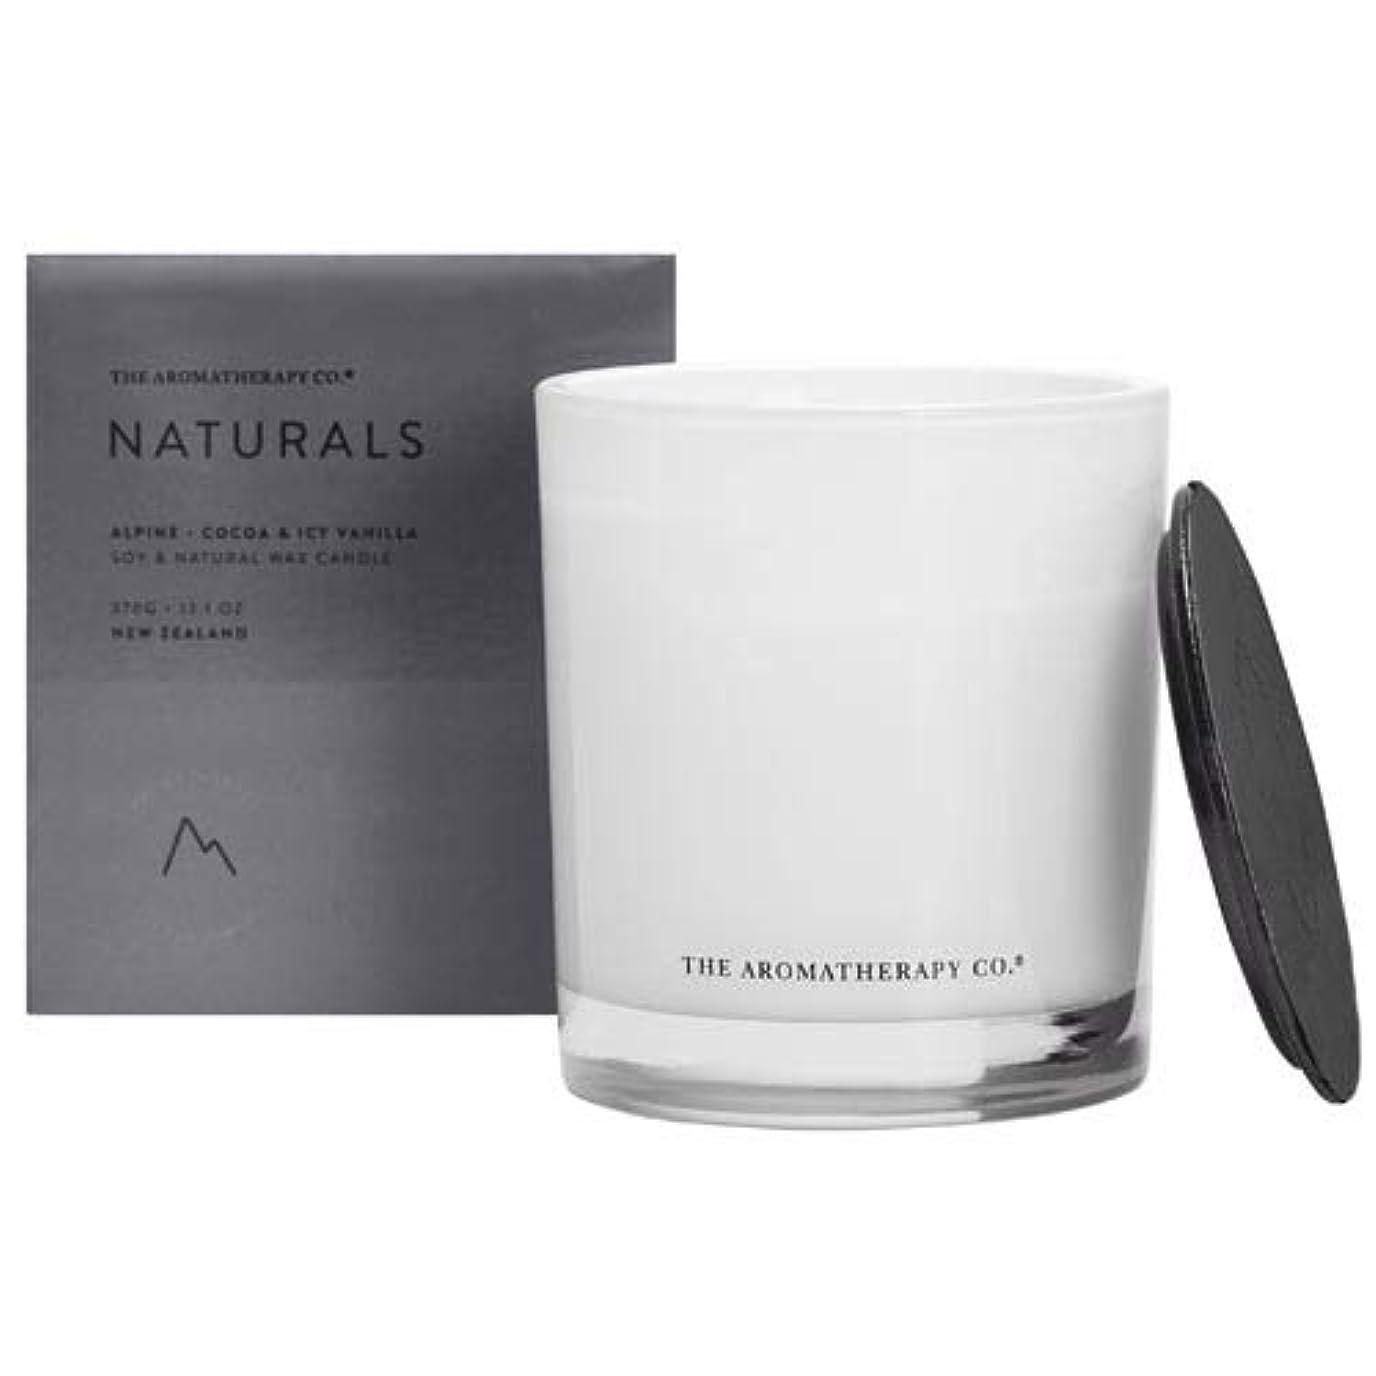 始まり敬礼住むアロマセラピーカンパニー(Aromatherapy Company) new NATURALS ナチュラルズ Candle キャンドル Alpine アルパイン(山) Cocoa & Icy Vanilla ココア&アイシーバニラ